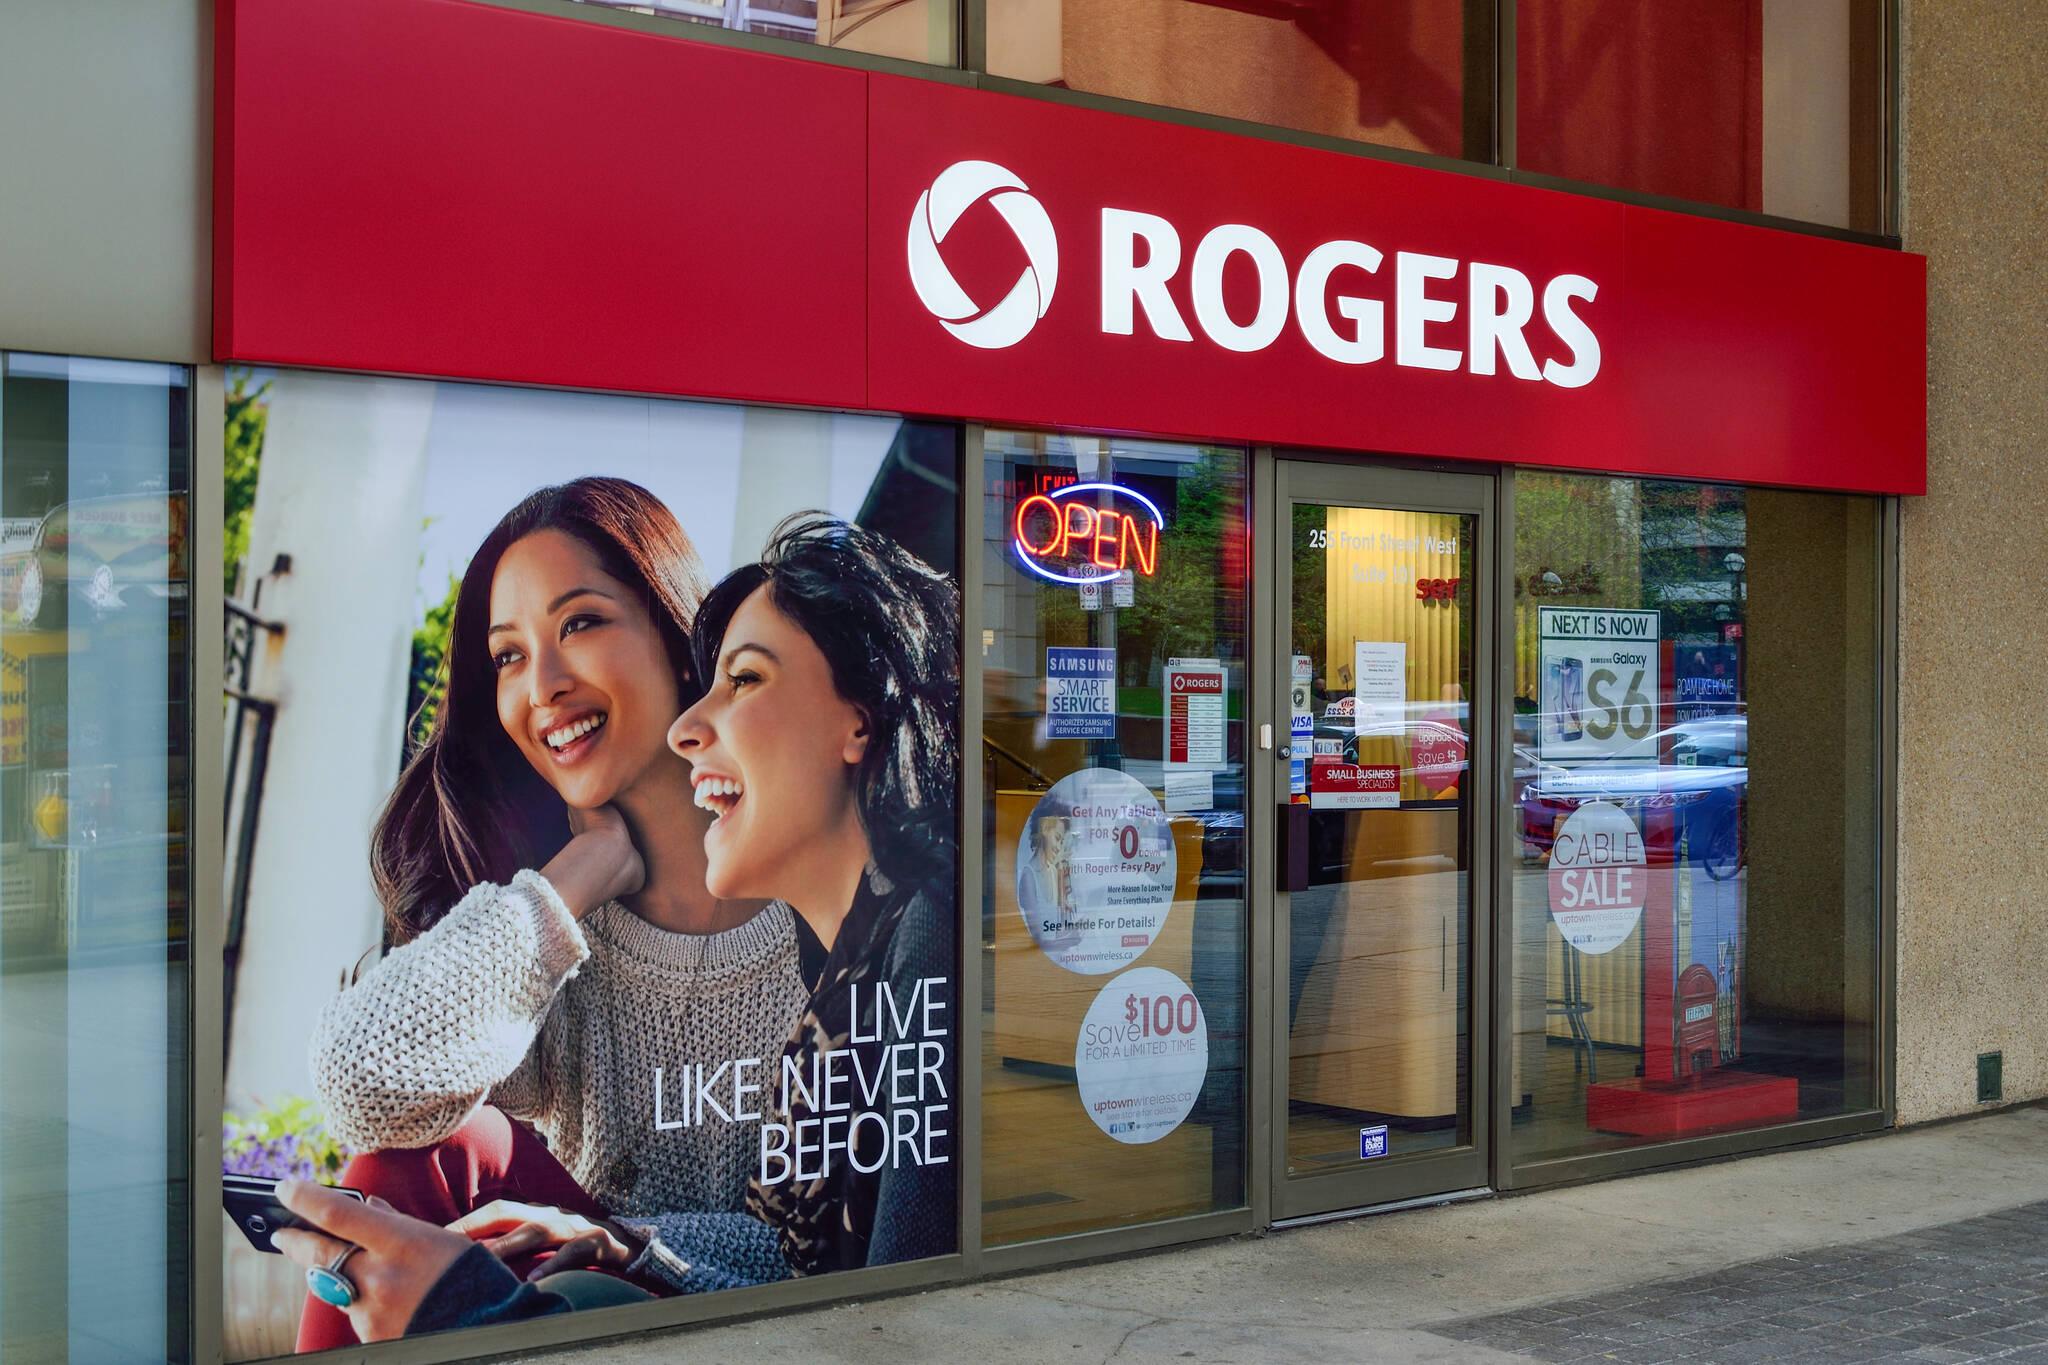 rogers class action lawsuit